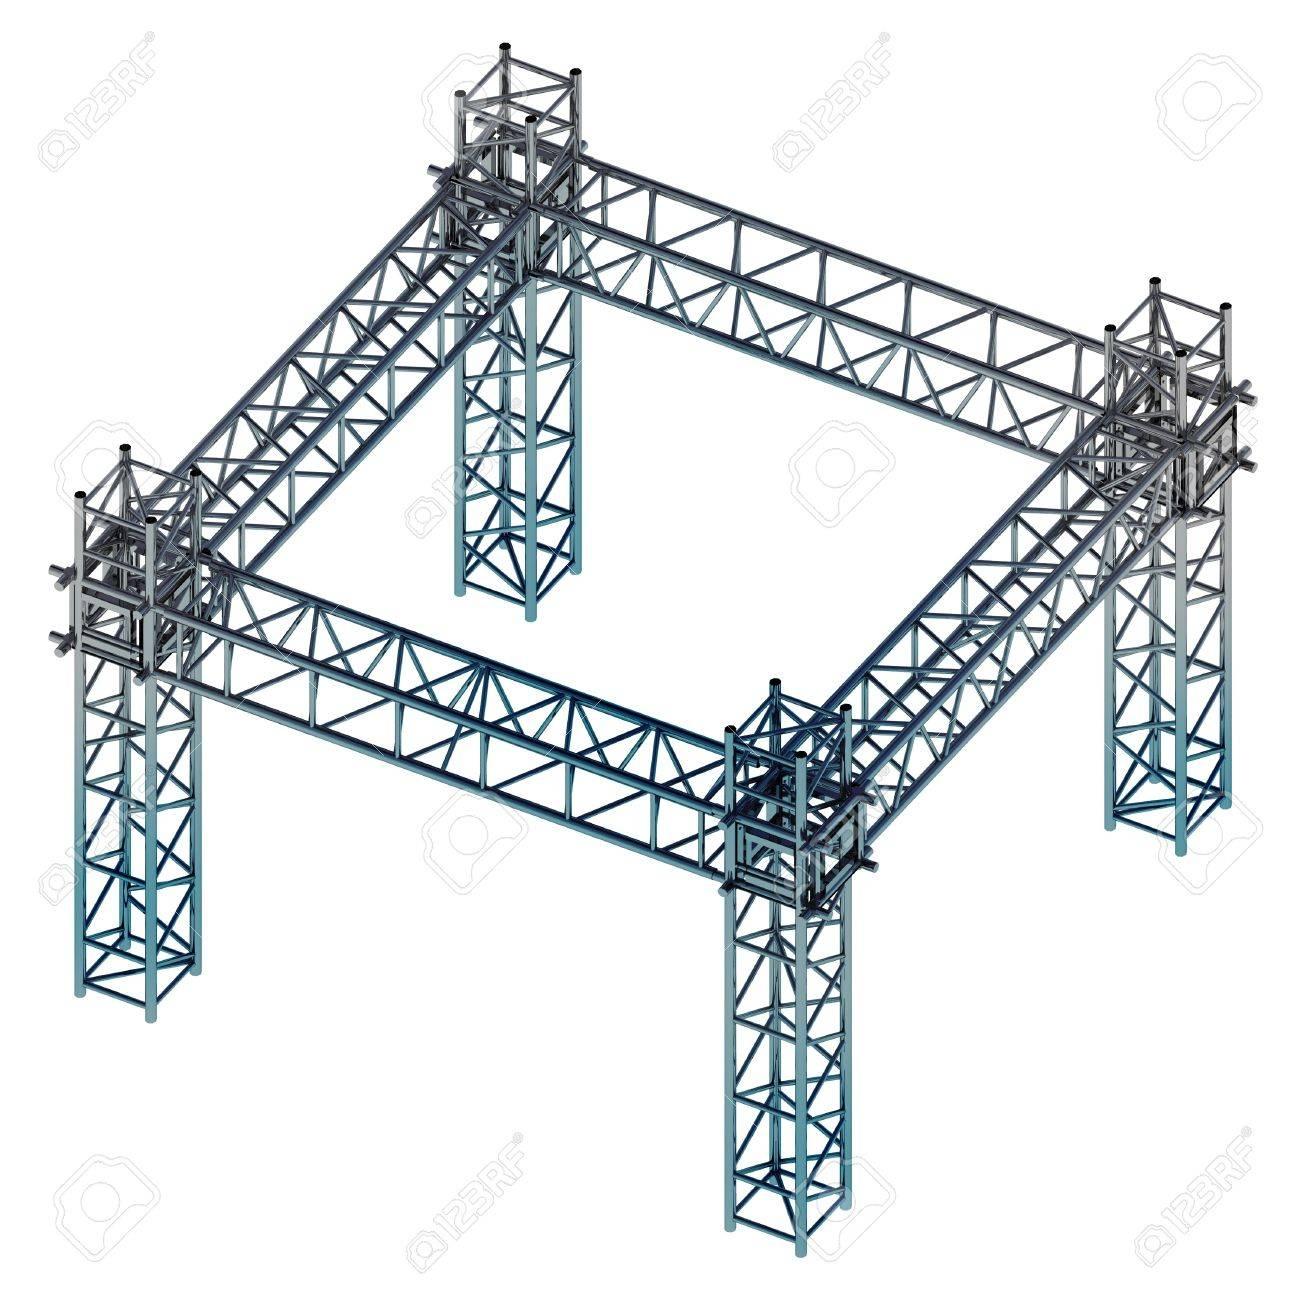 Isolierten Eisen Blau Glänzende Konstruktion Rahmen Isometrische ...